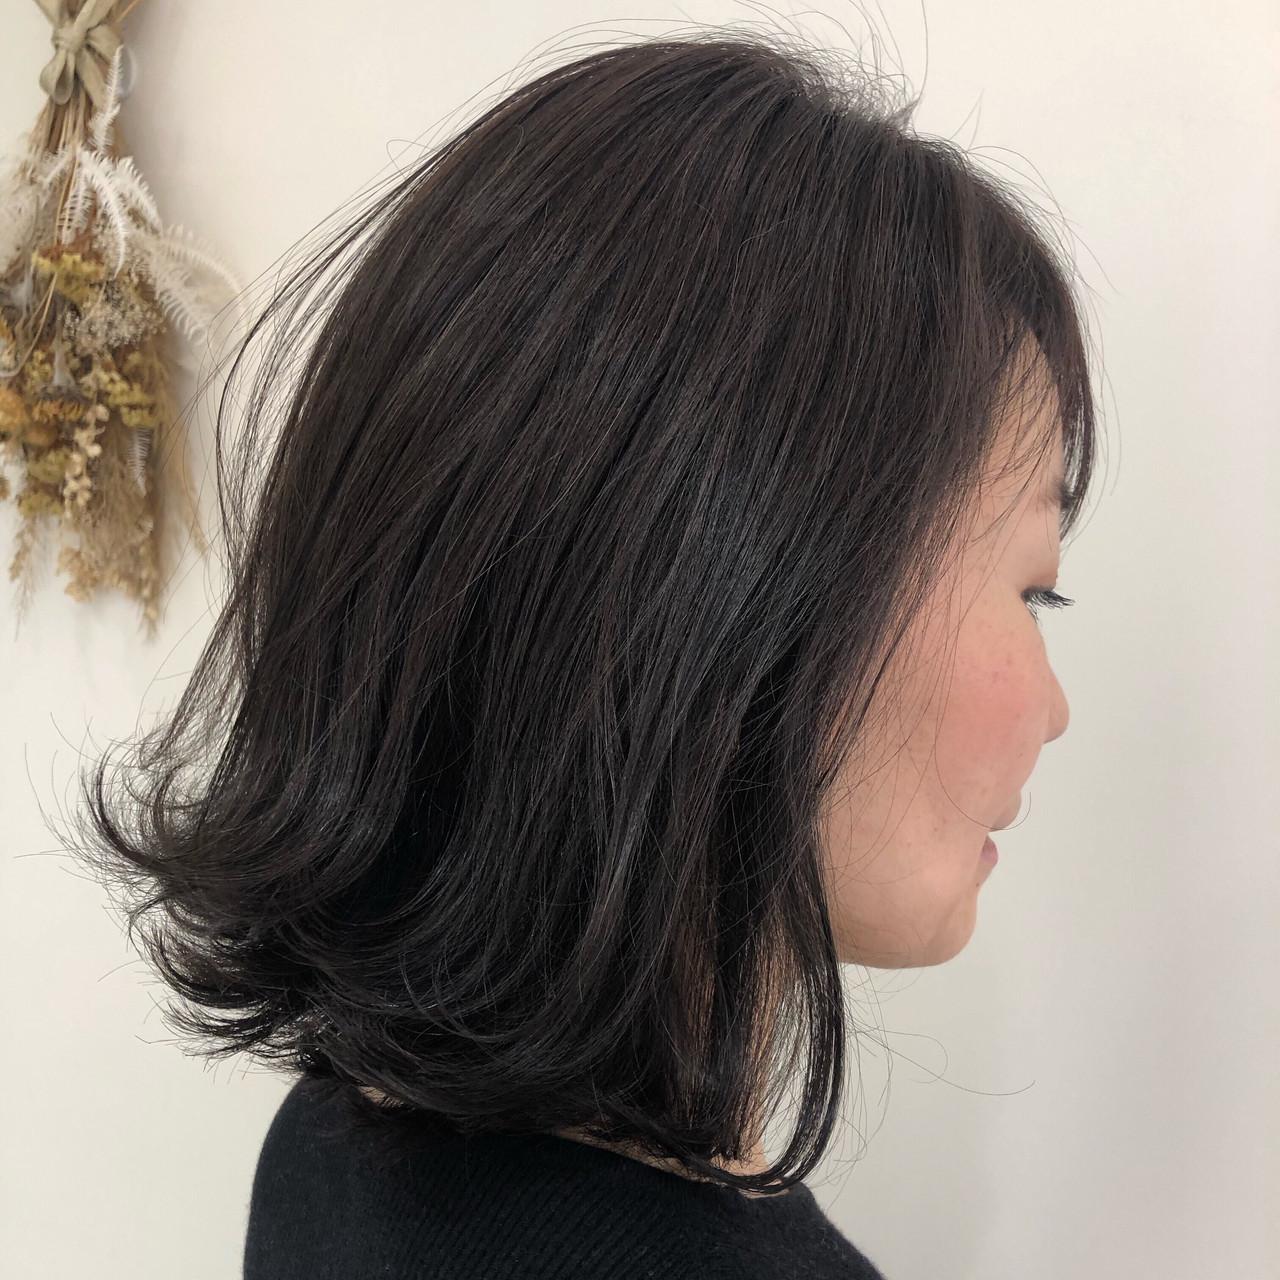 ラベンダーグレージュ ナチュラル 外ハネボブ 暗髪 ヘアスタイルや髪型の写真・画像